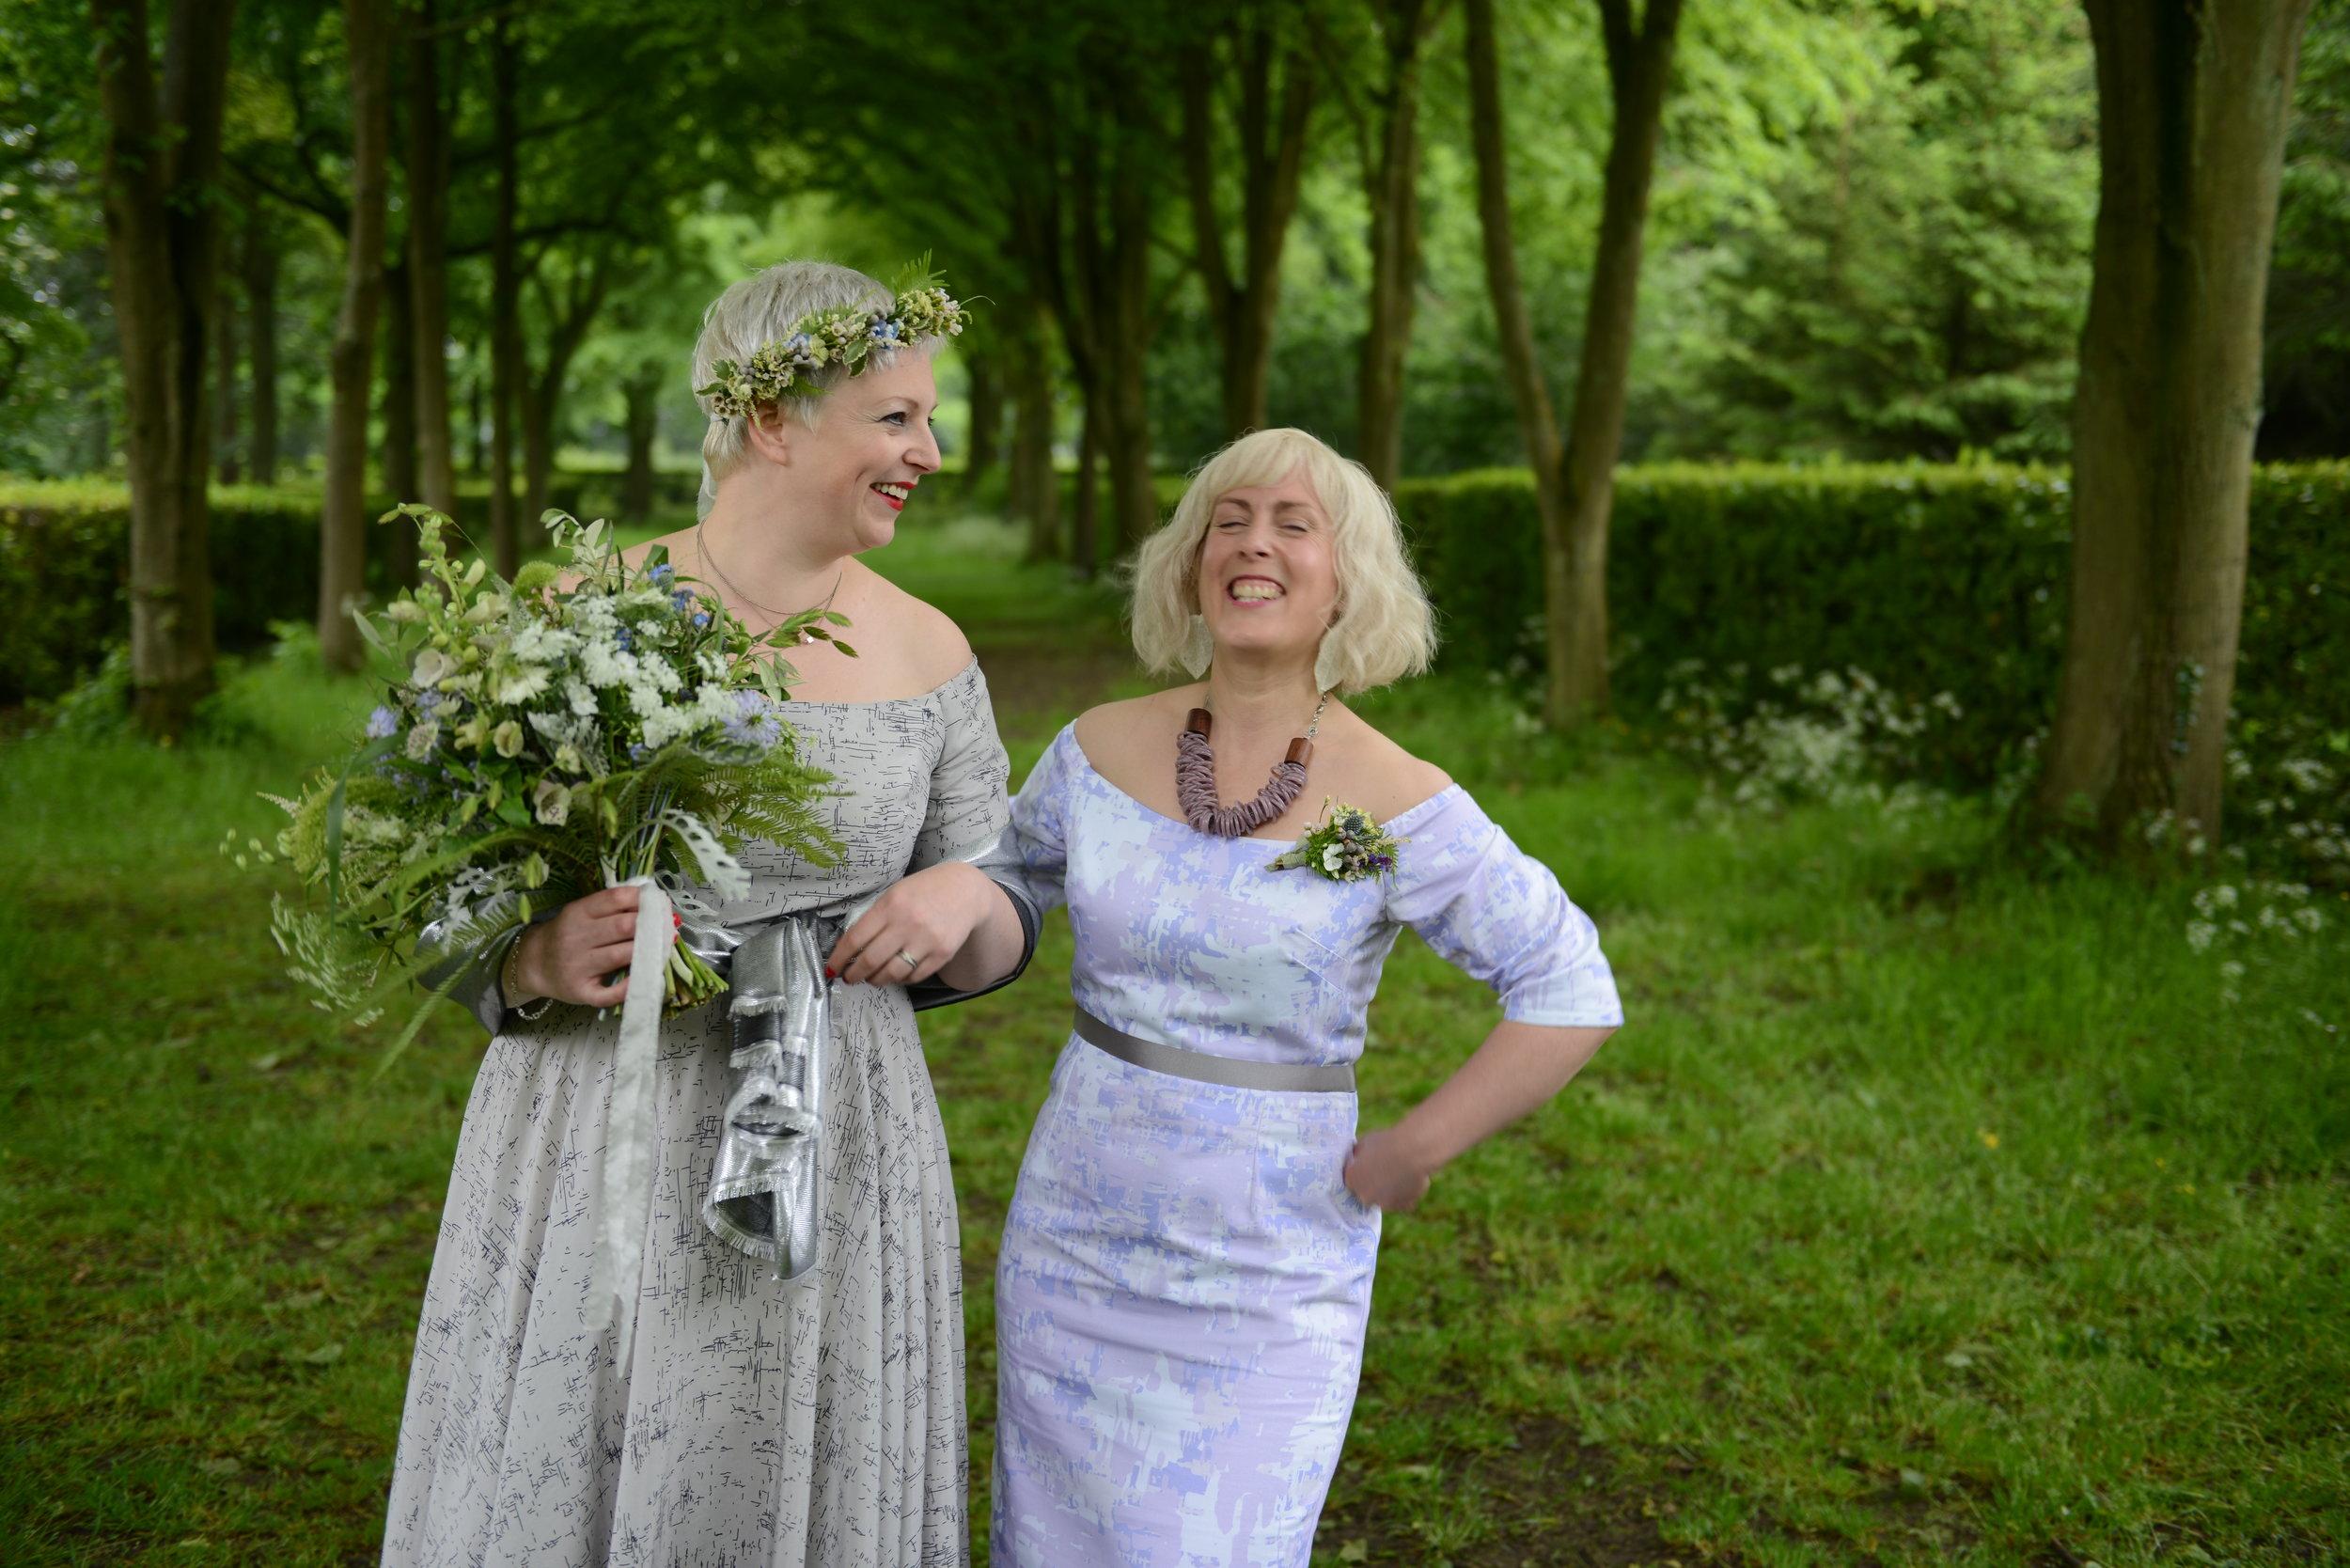 wildflower wedding bouquet (9).JPG